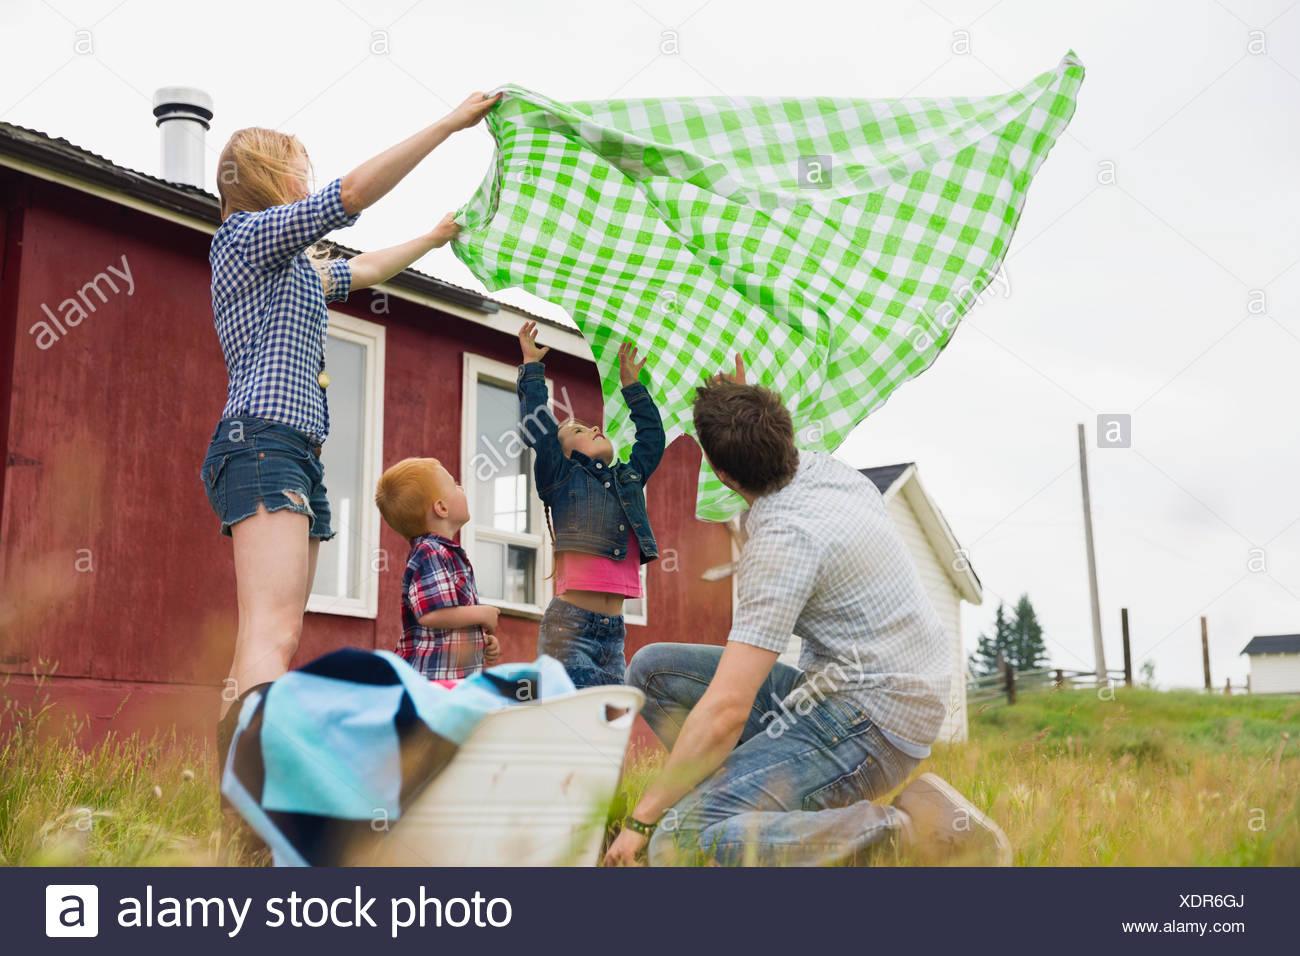 Famiglia con Coperta picnic in campo rurale Immagini Stock